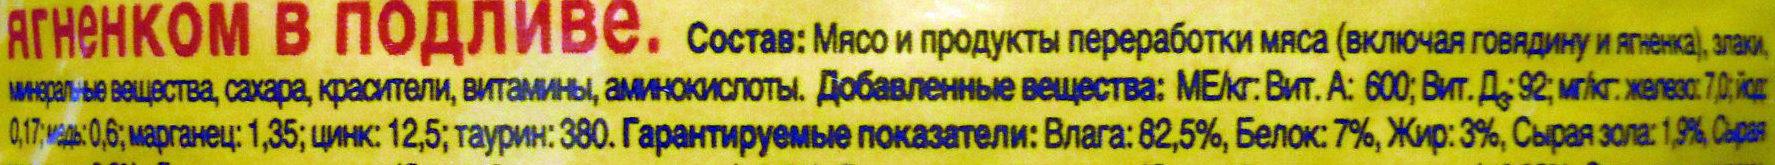 Friskies в Подливе с говядиной и ягненком - Ingredients - ru